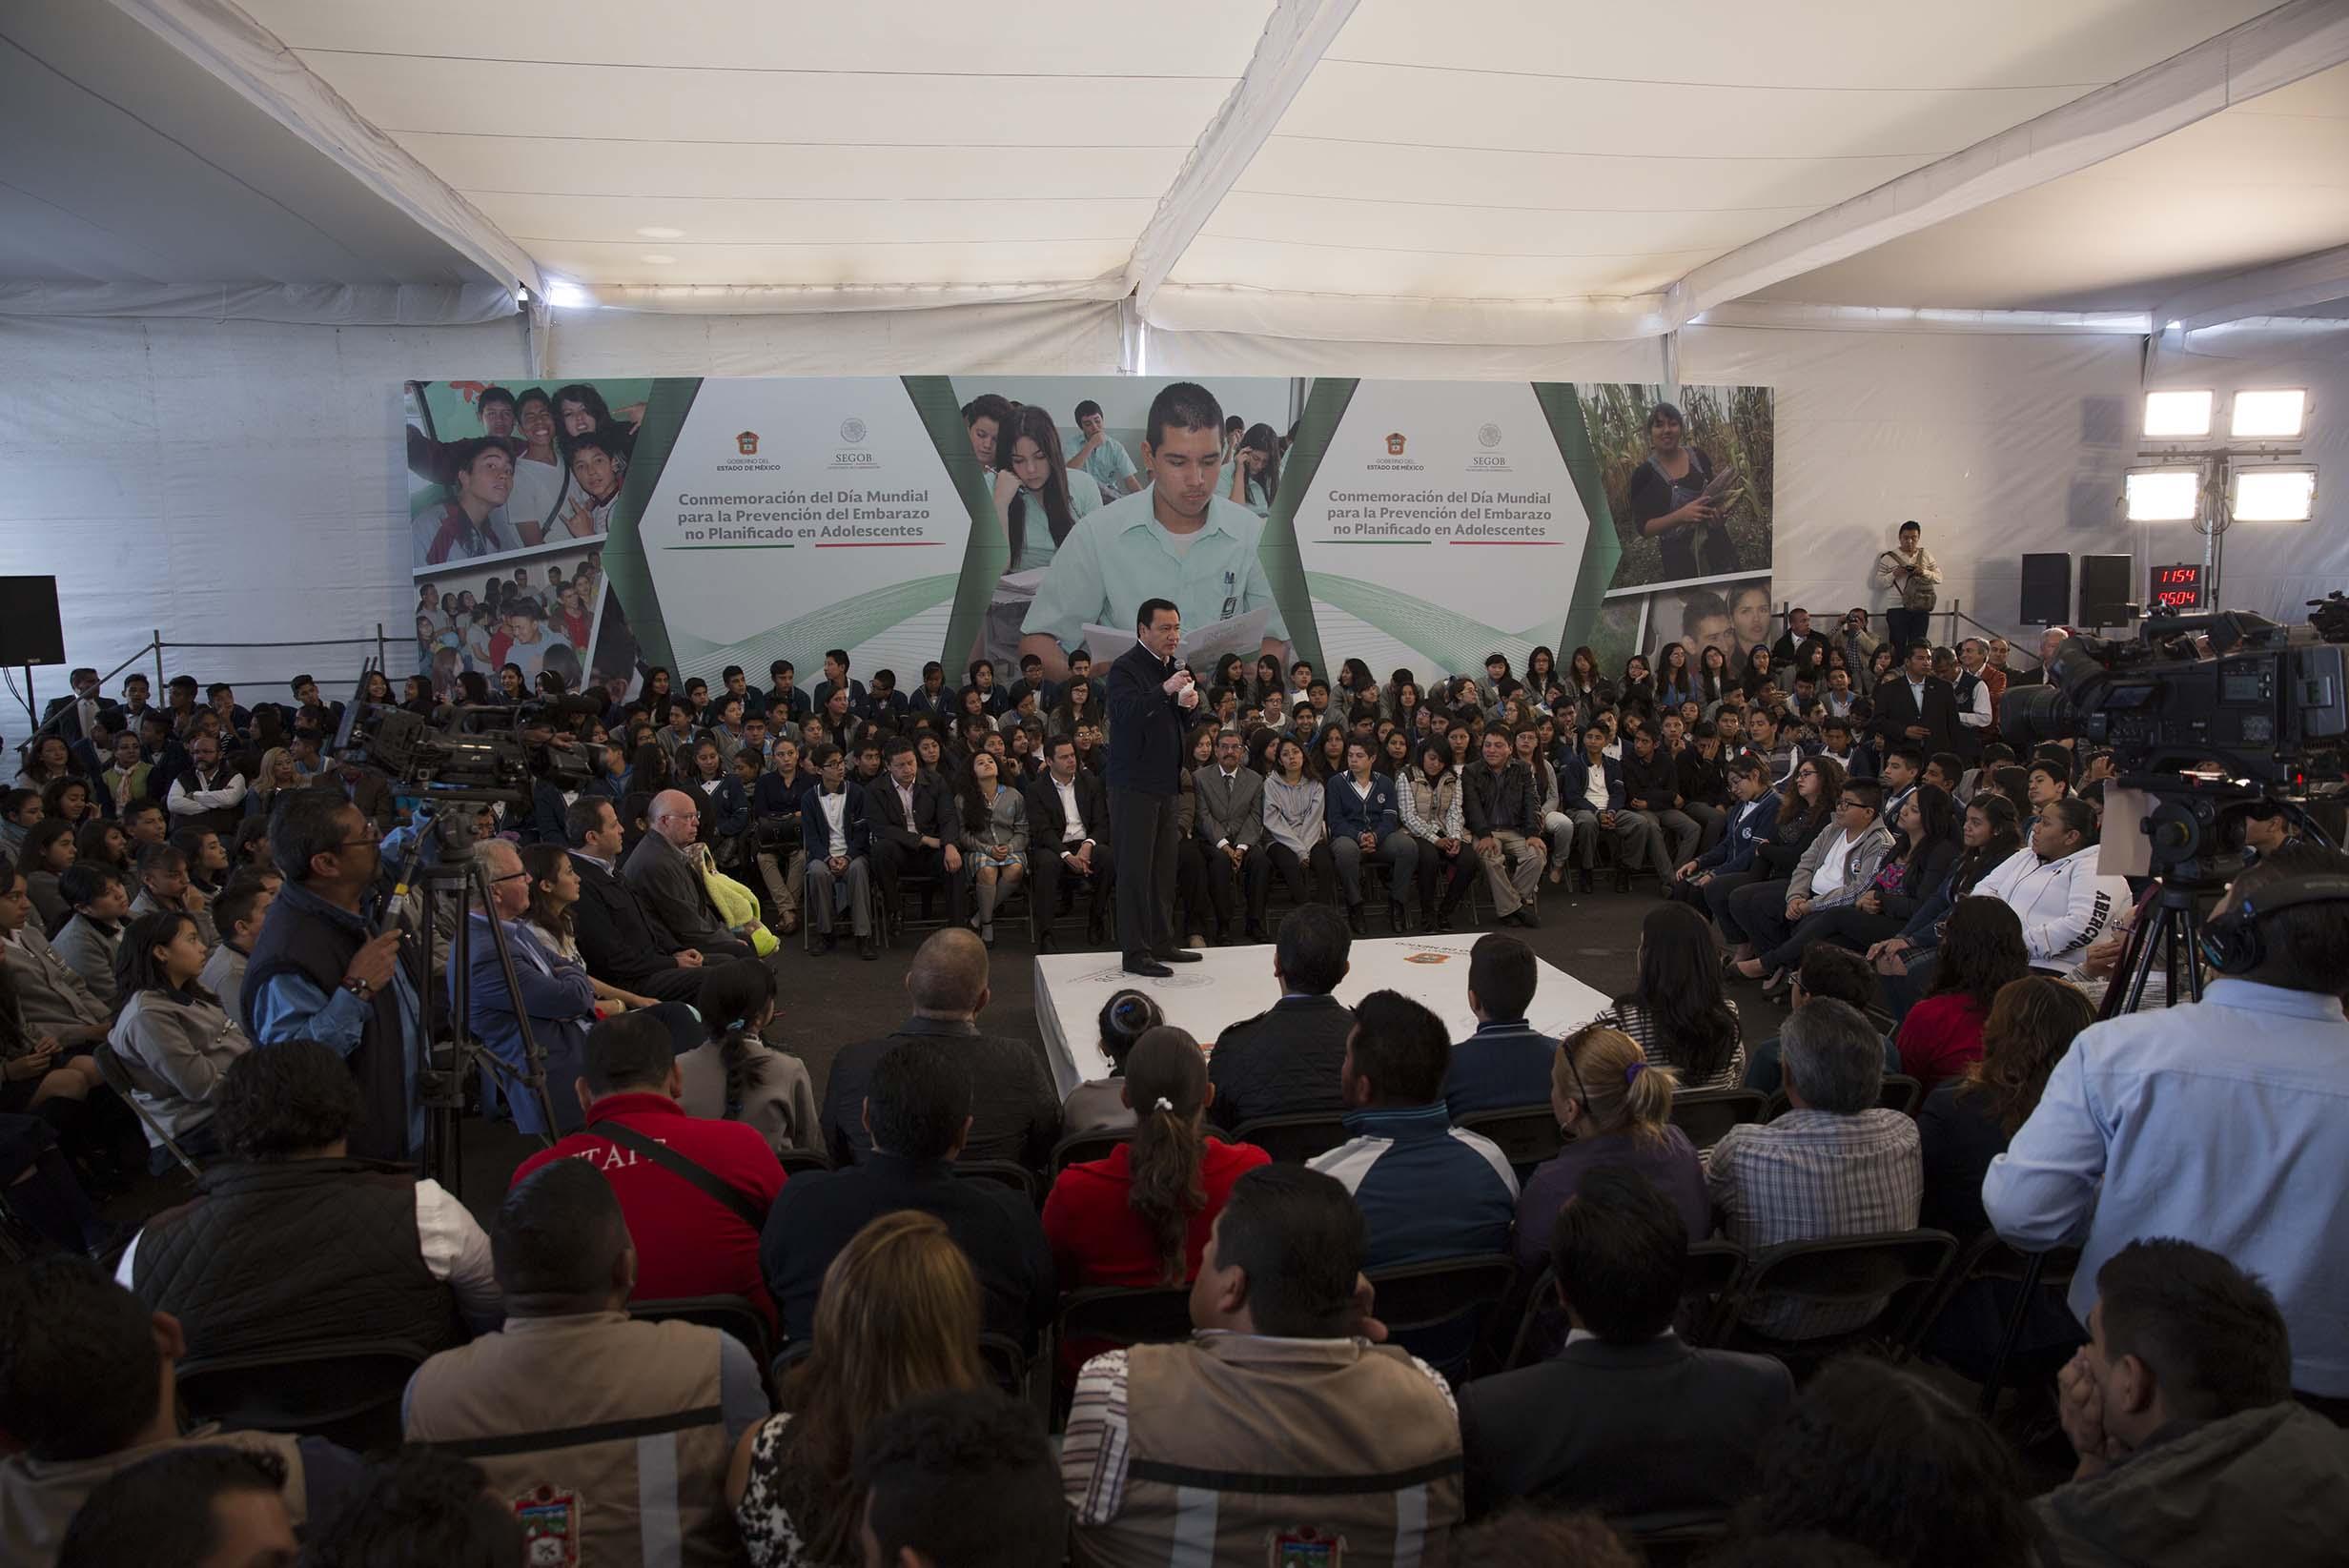 El Secretario de Gobernación, Miguel Ángel Osorio Chong, durante la Conmemoración del Día Mundial para la Prevención del Embarazo no Planificado en Adolescentes